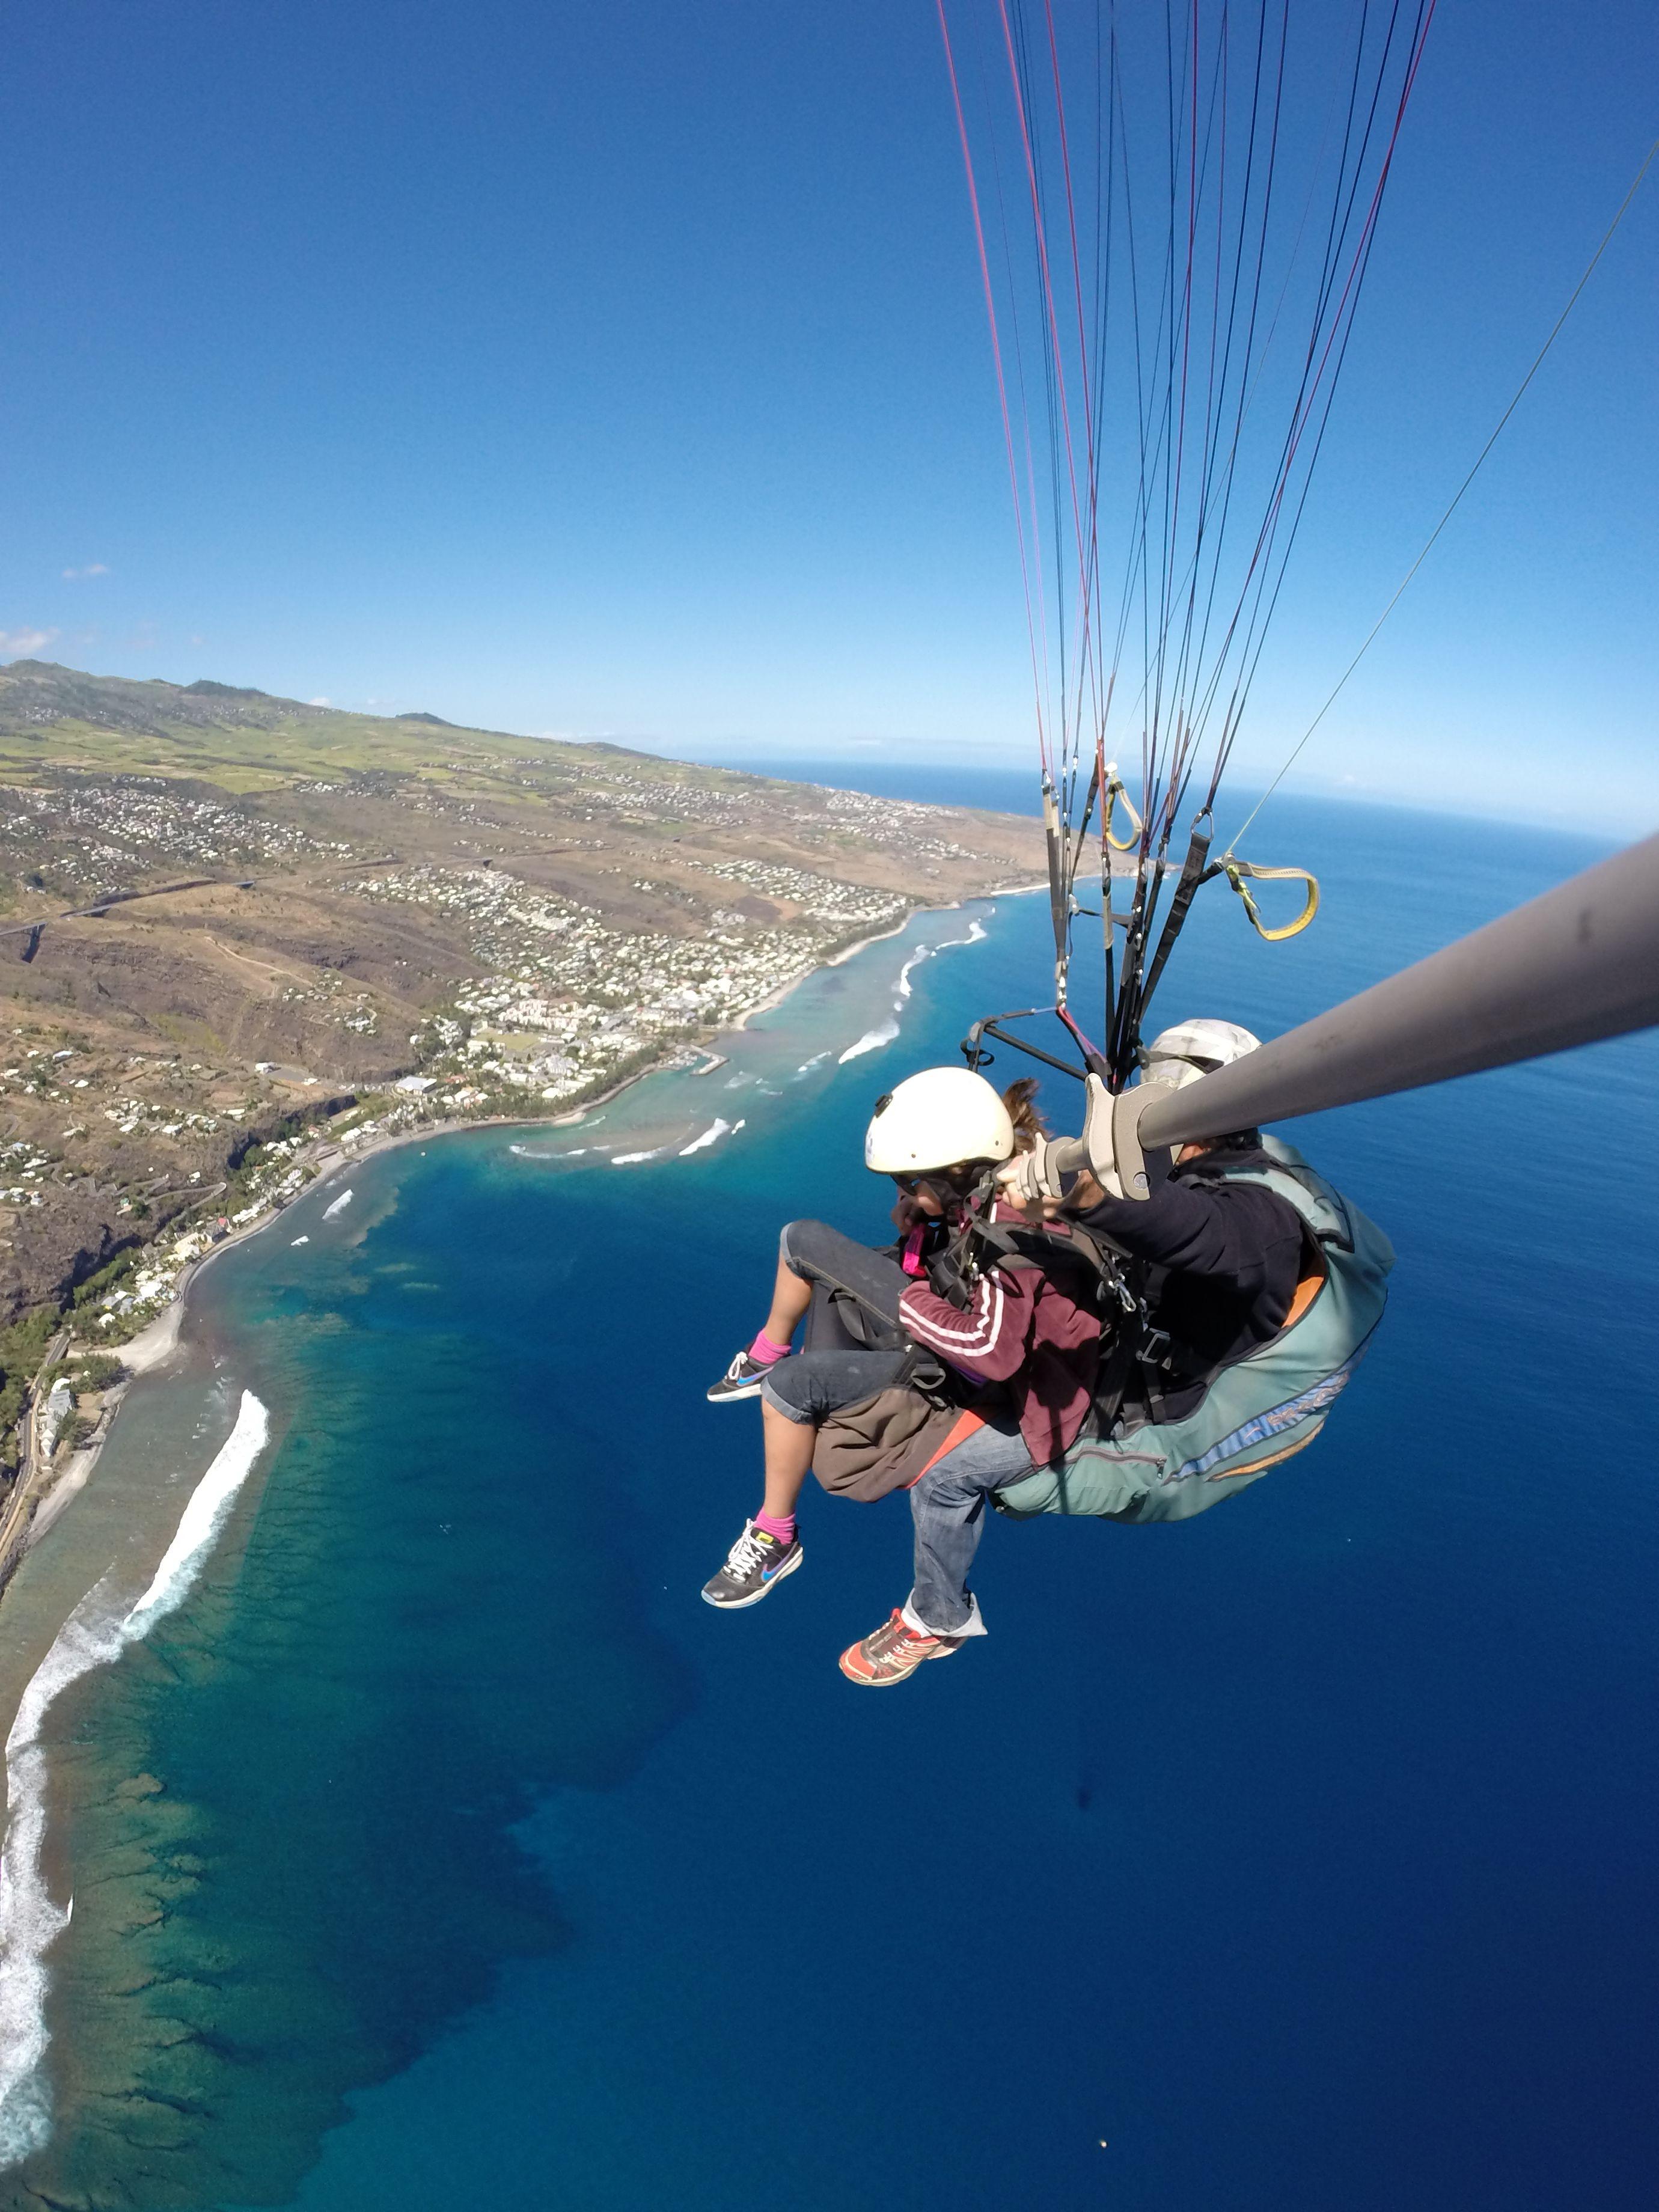 Biplace Parapente Au Dessus Du Lagon De St Leu Ile De La Reunion Http Www Airlagon Parapente Fr La Reunion Voyage Reunion Ile De La Reunion